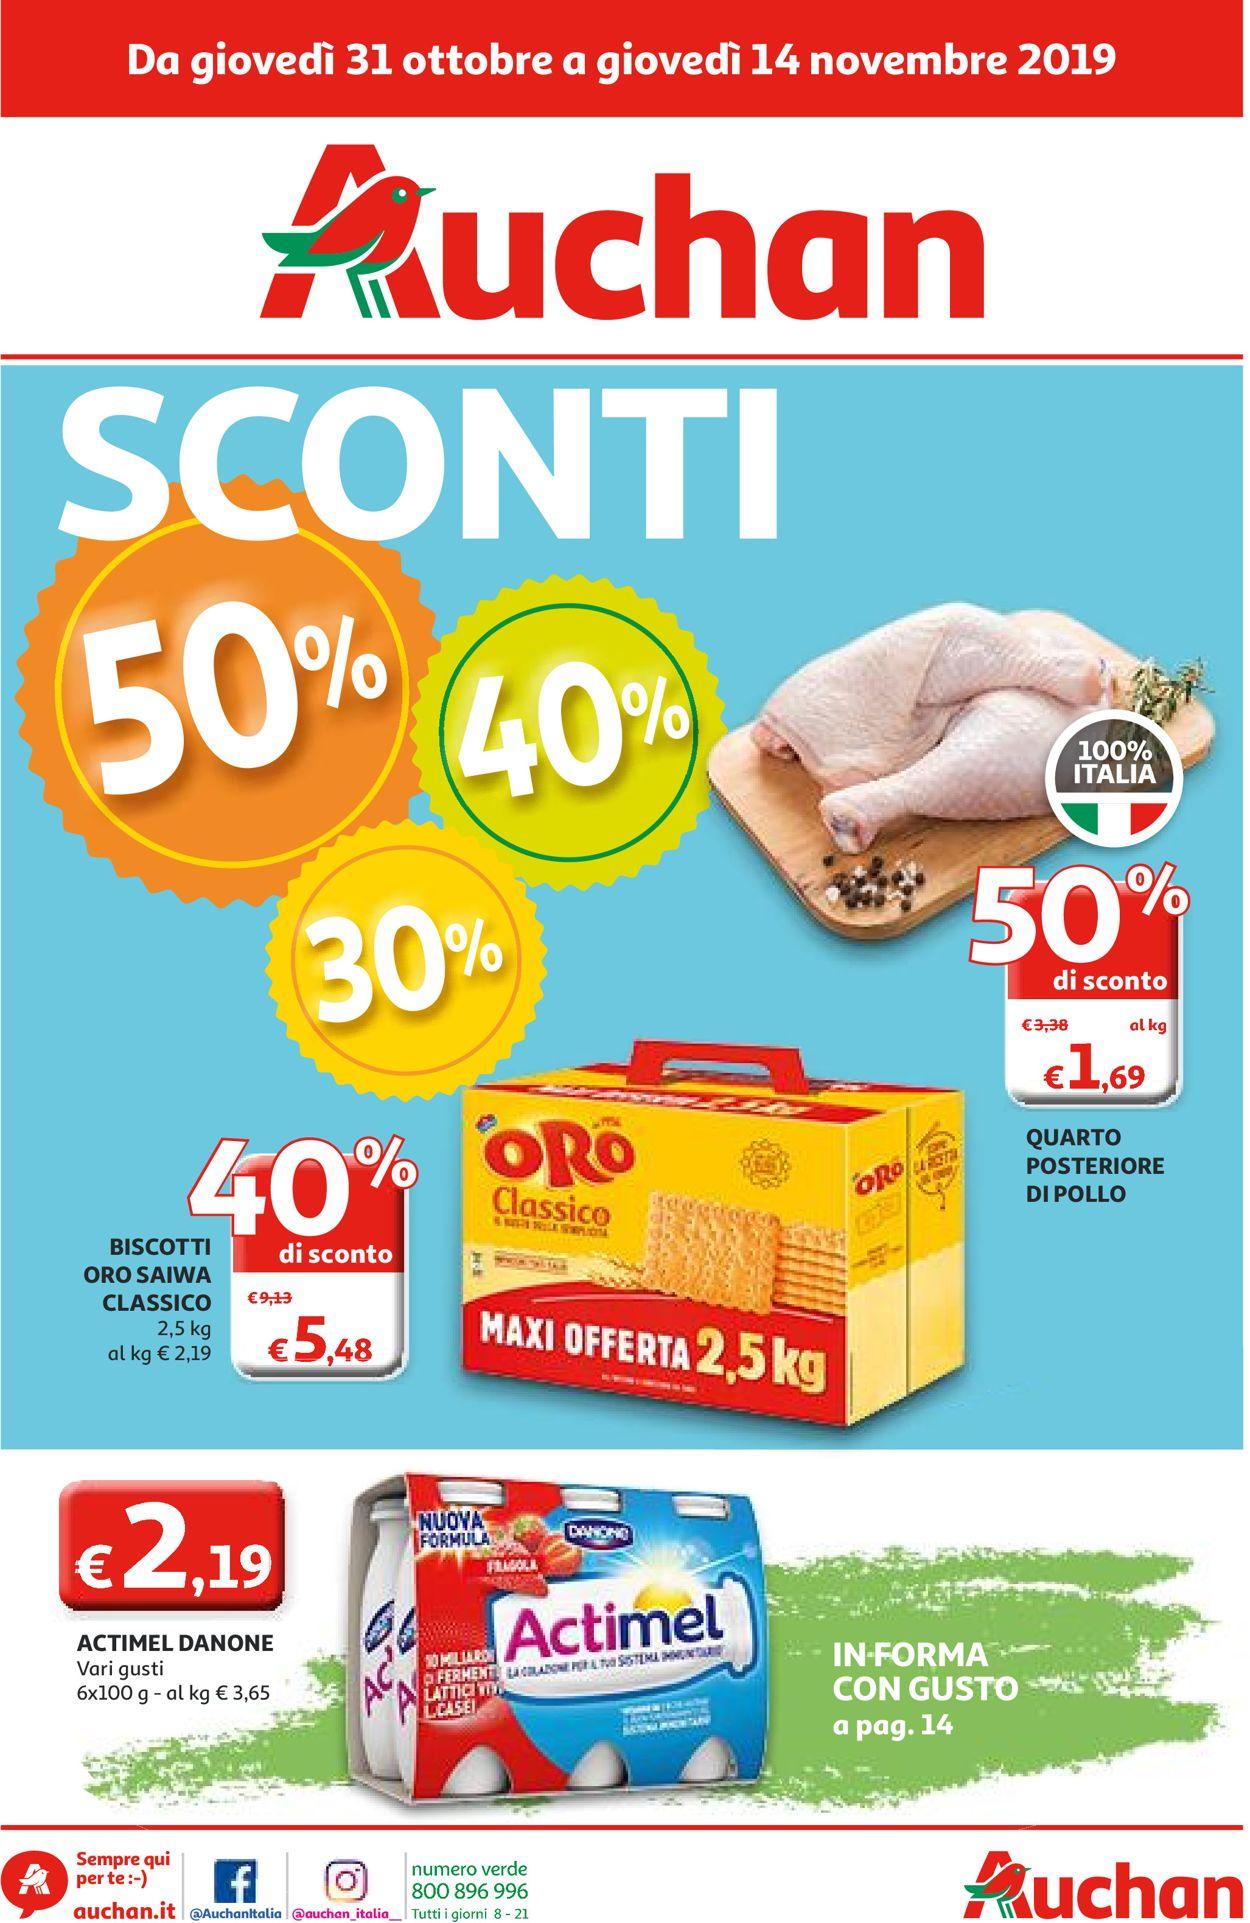 Volantino Auchan - Offerte 31/10-14/11/2019